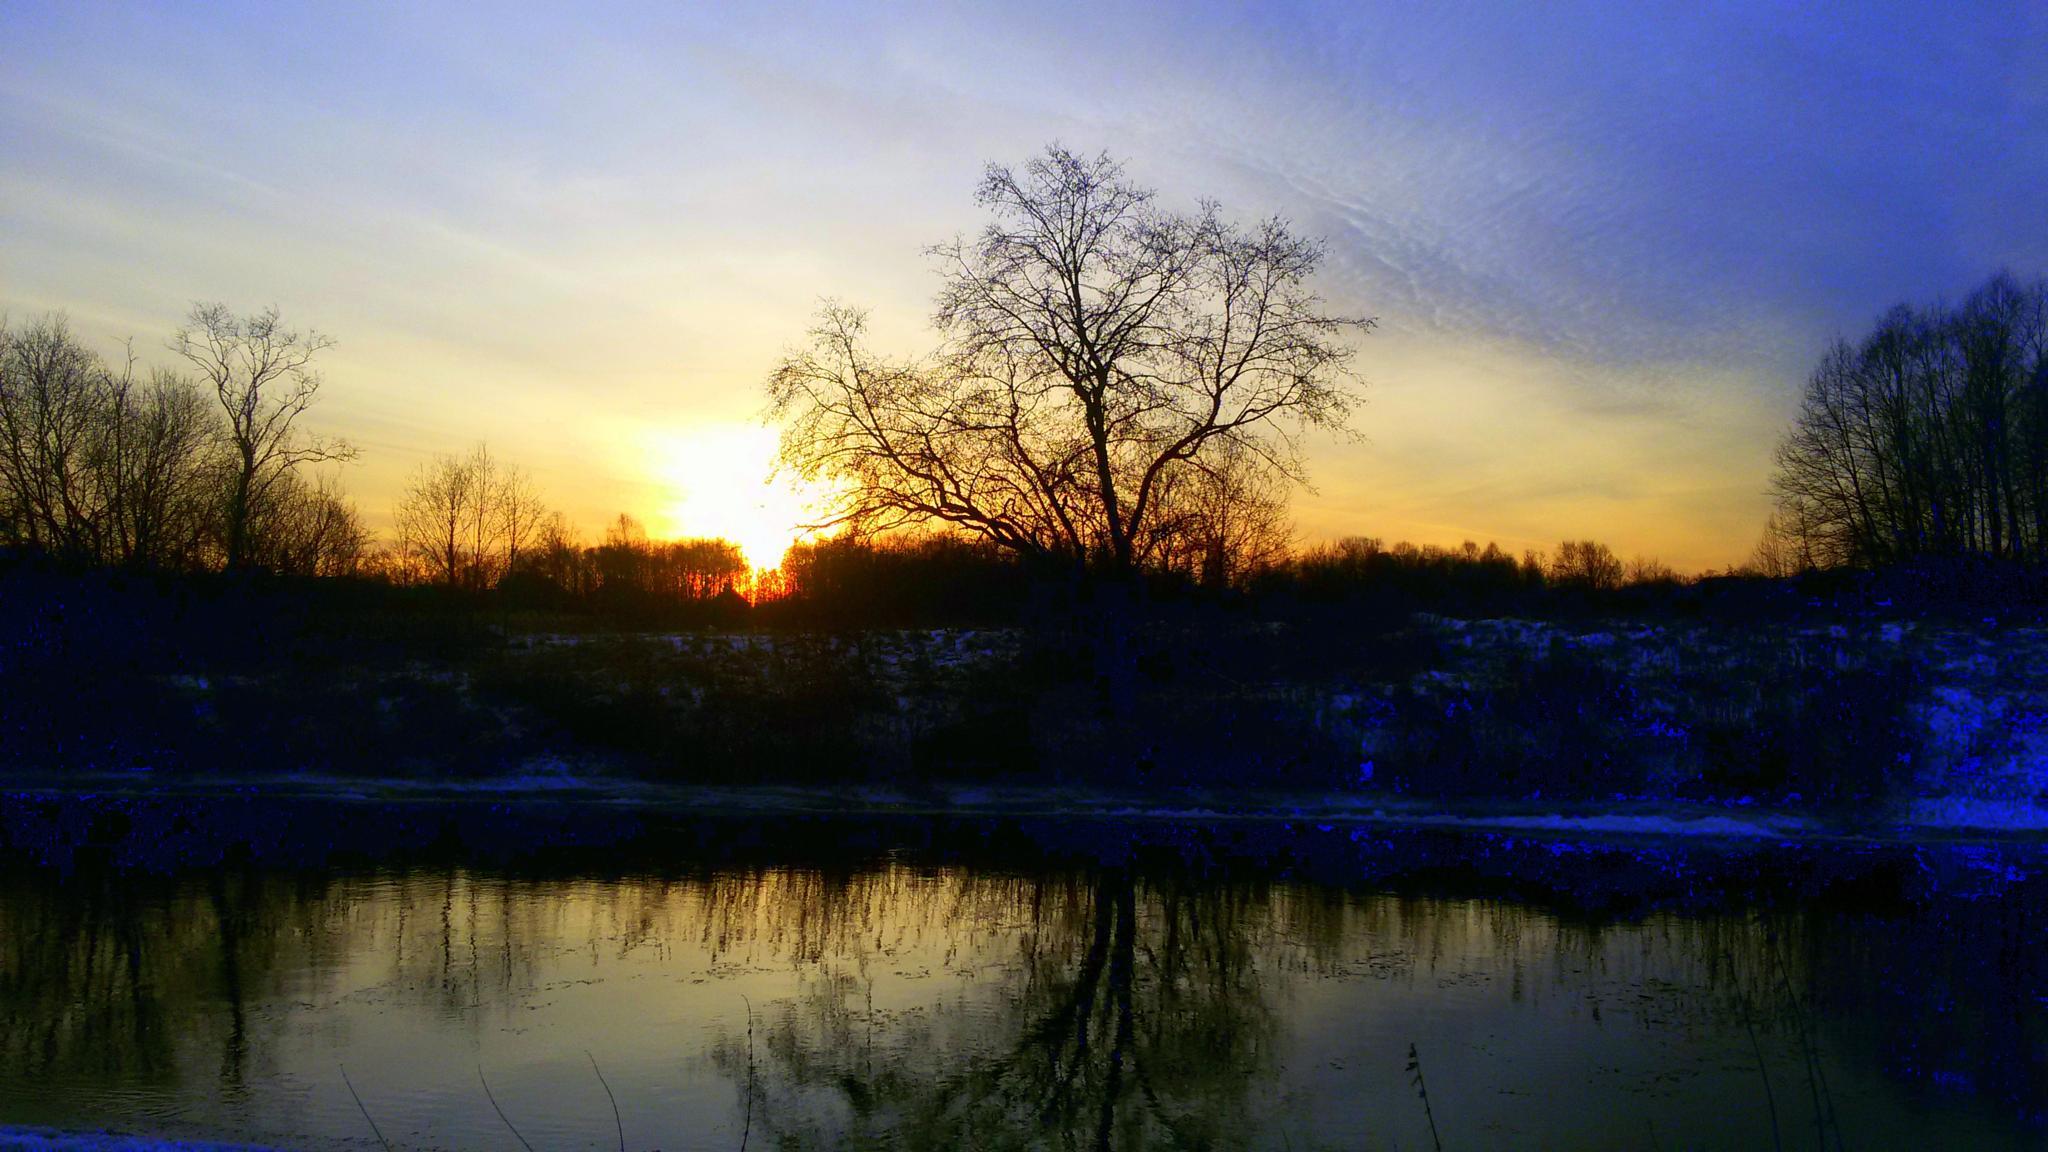 Morning. by Zita Užkuraitienė